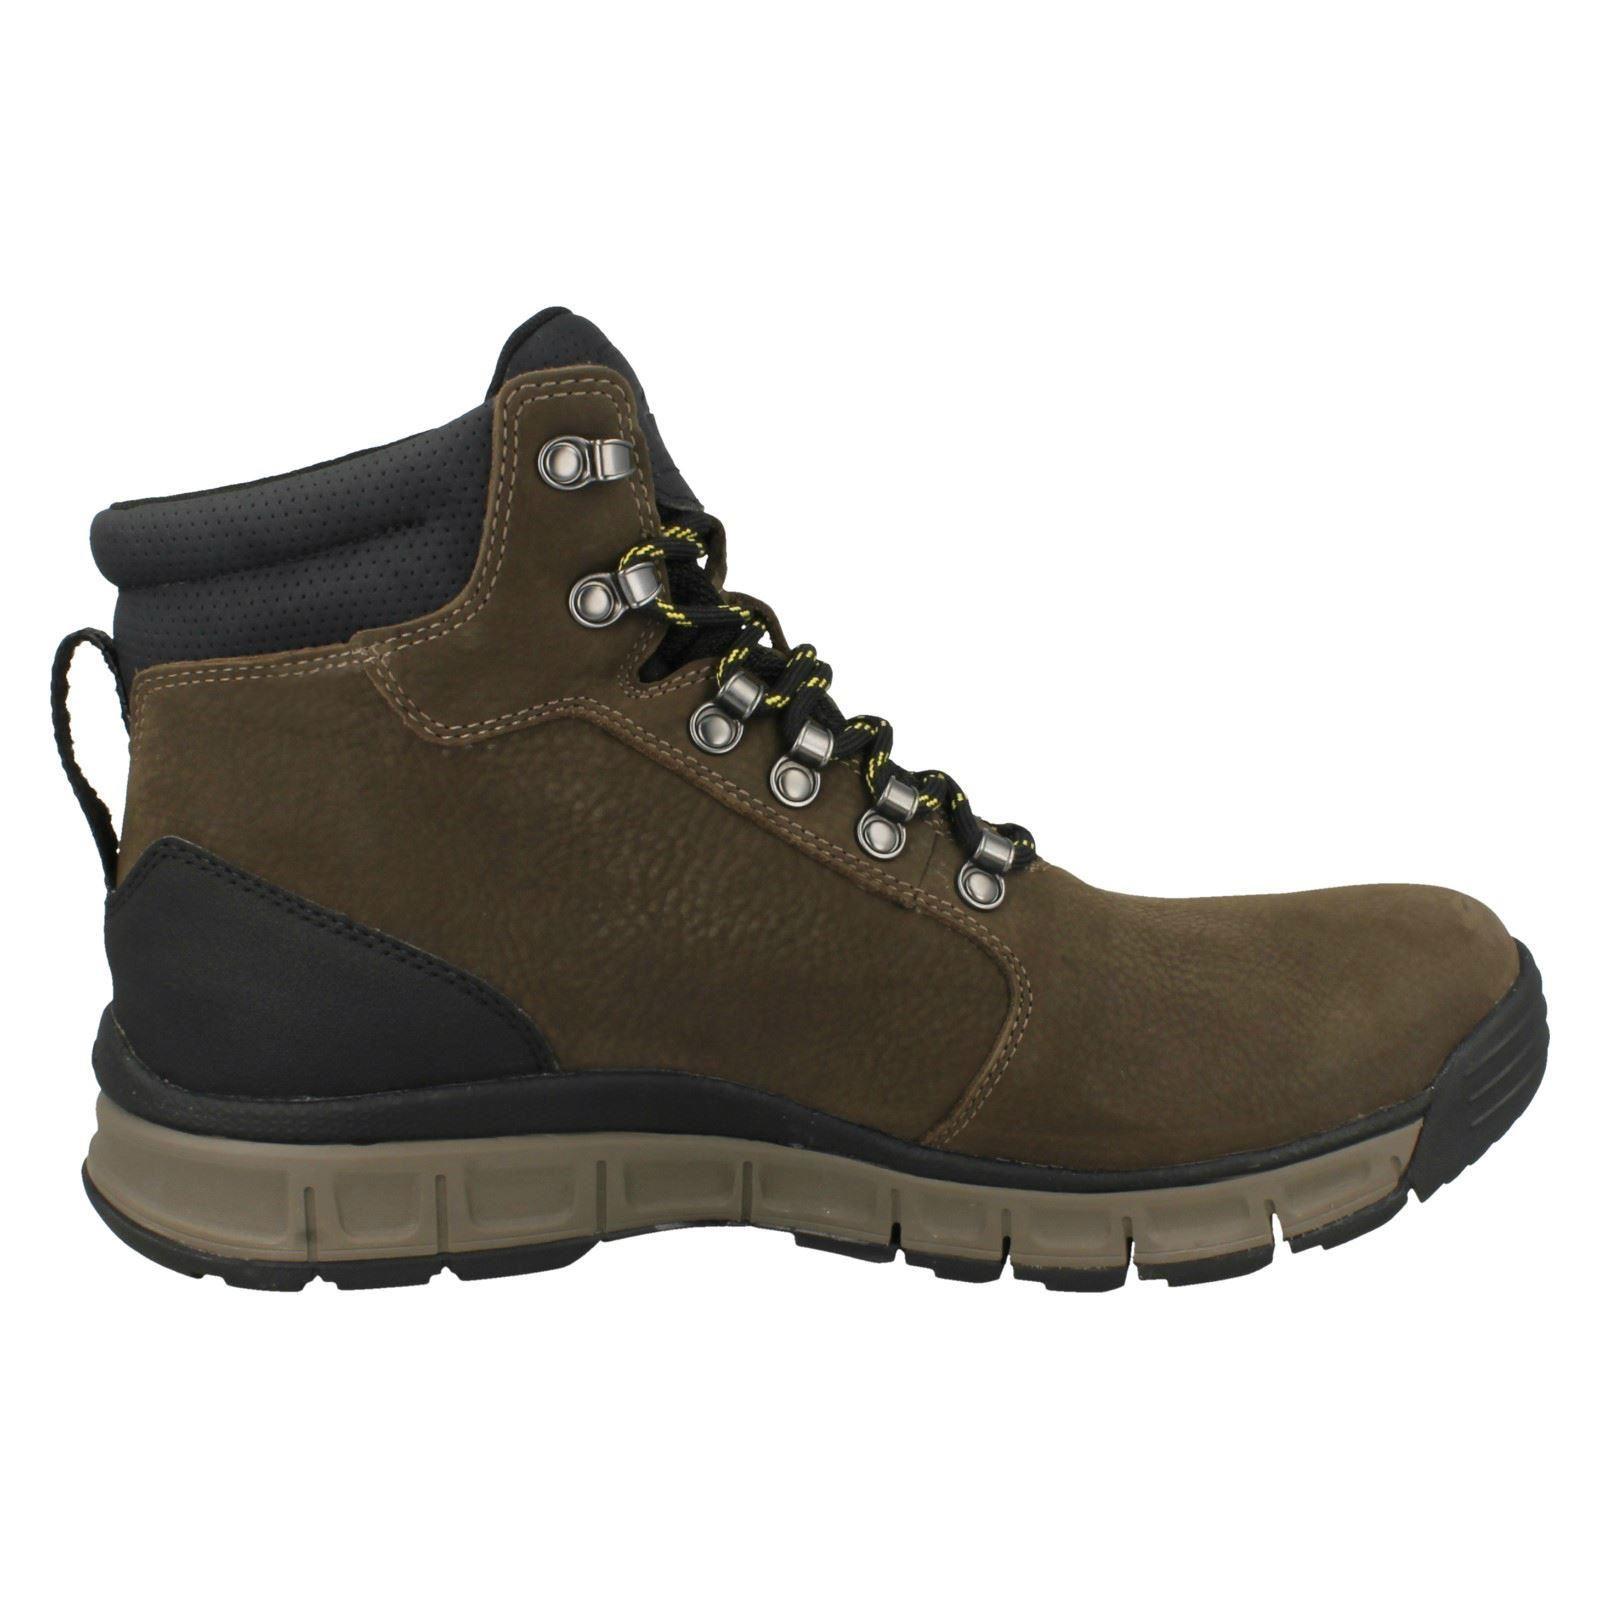 Stiefel Uomo Clarks Casual Walking Stiefel  Edlund Lo GTX 15a4de